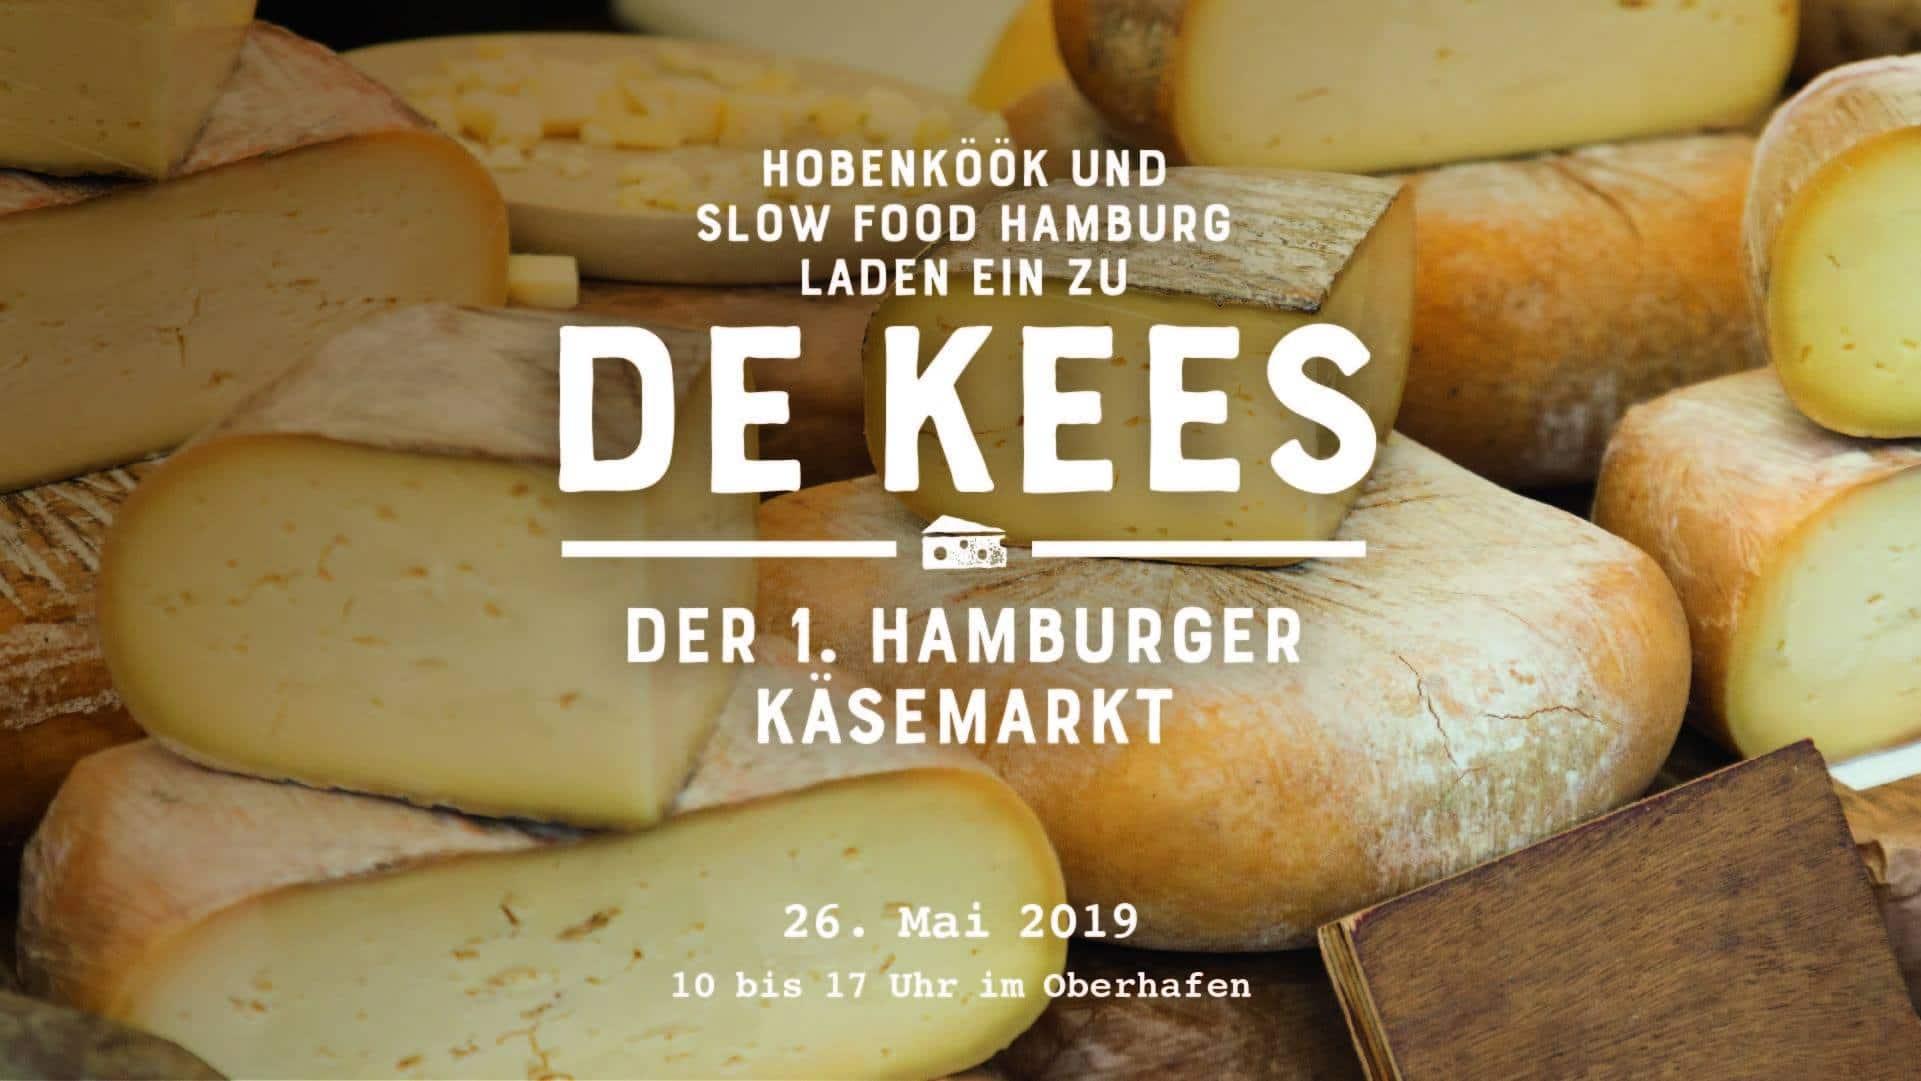 1. Hamburger Käsemarkt in und an der Hobenköök im Oberhafen